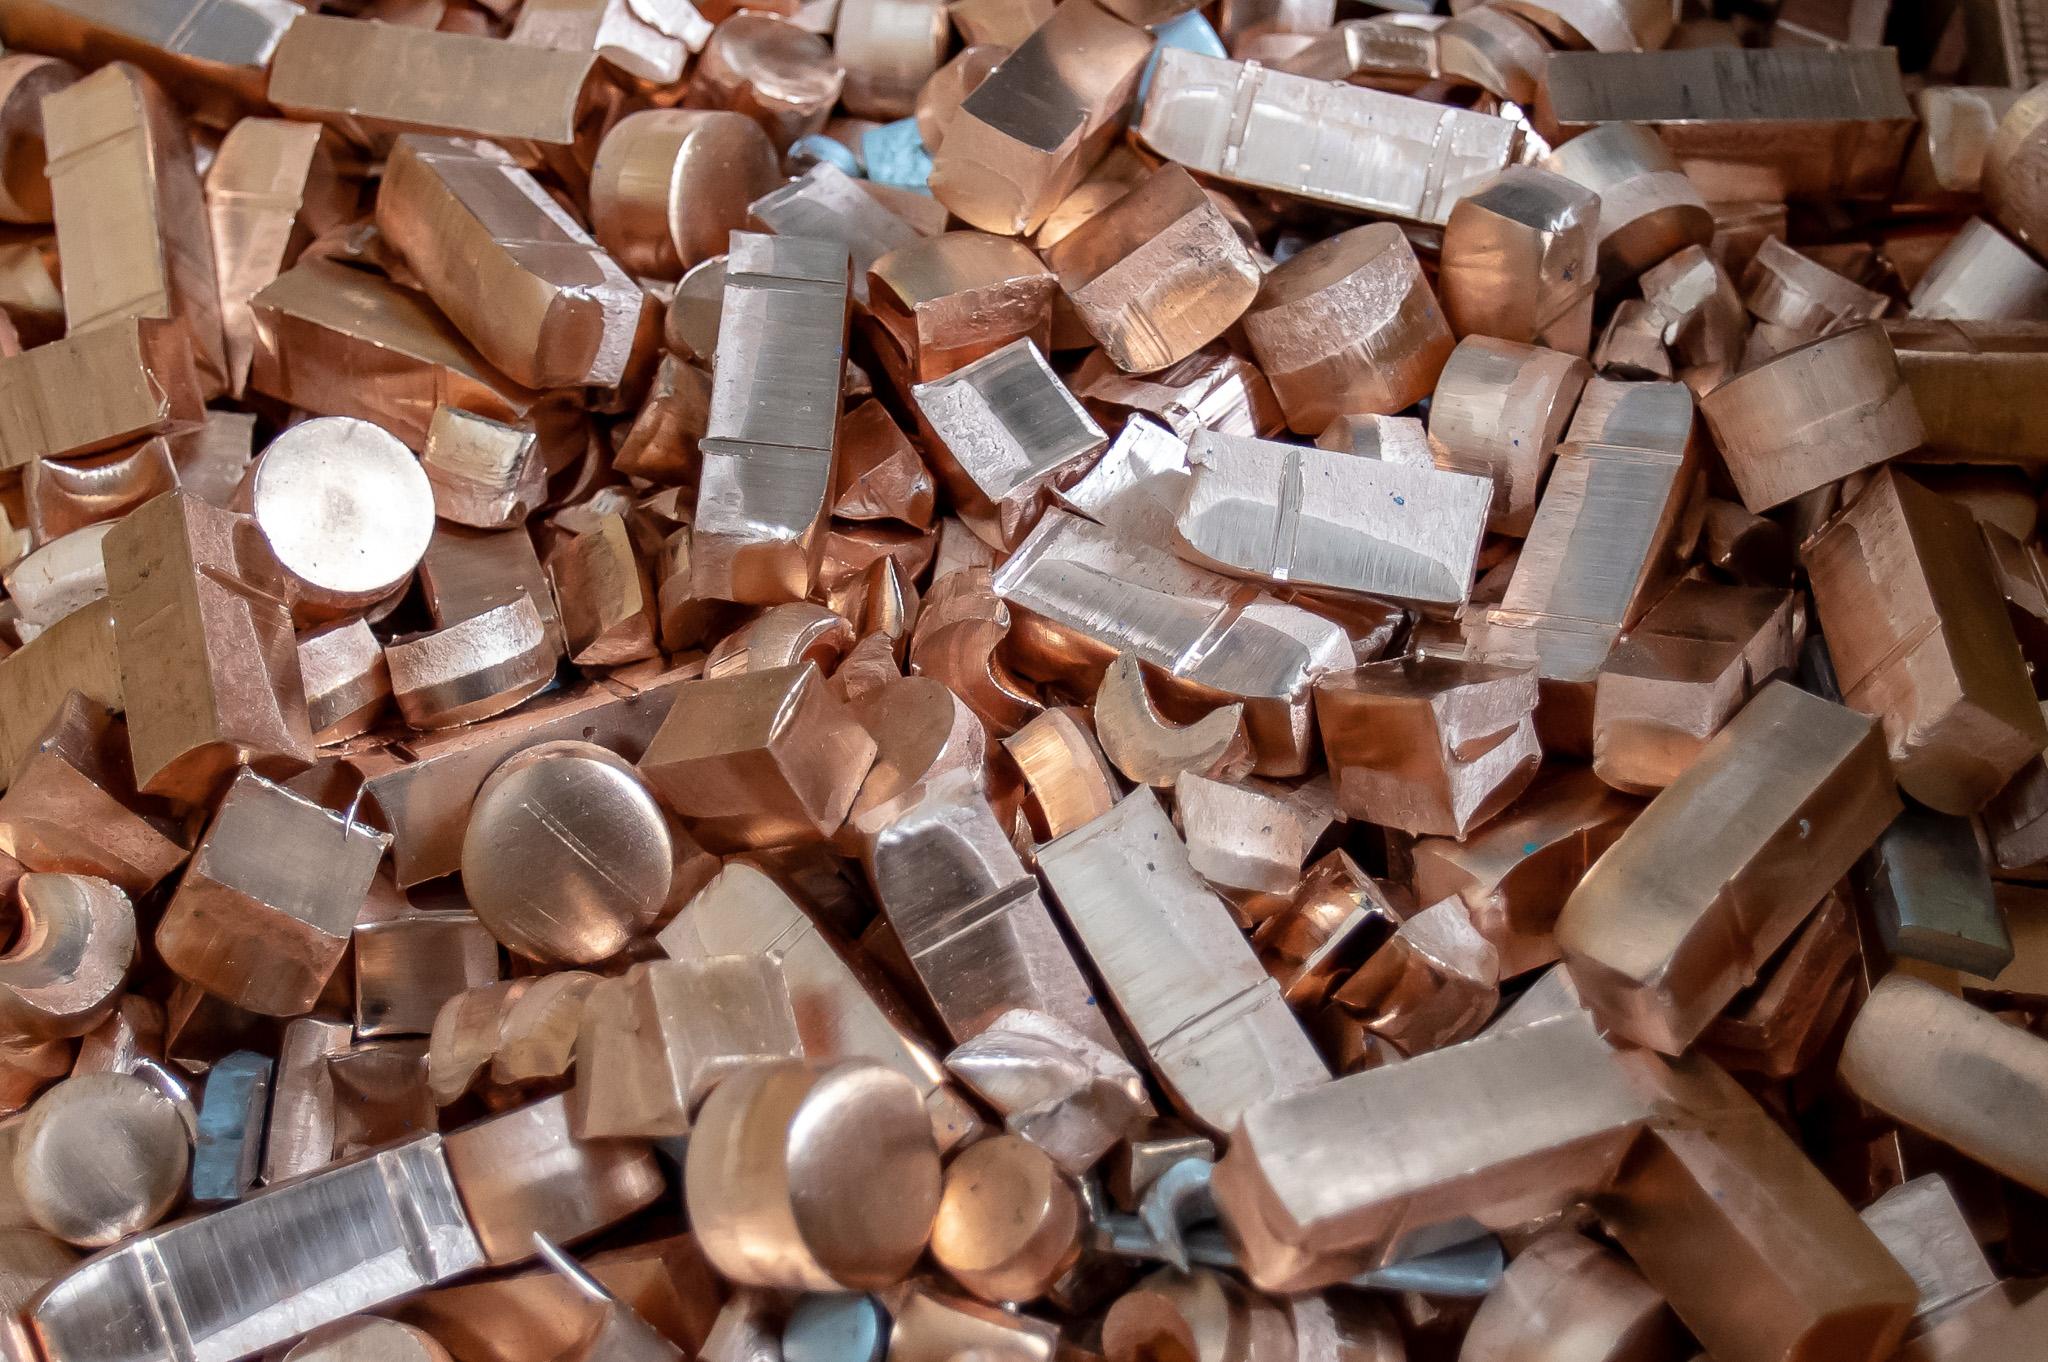 WCBF benytter resirkulert metall i produksjonen slik at produksjonen blir mest mulig miljøvennlig.